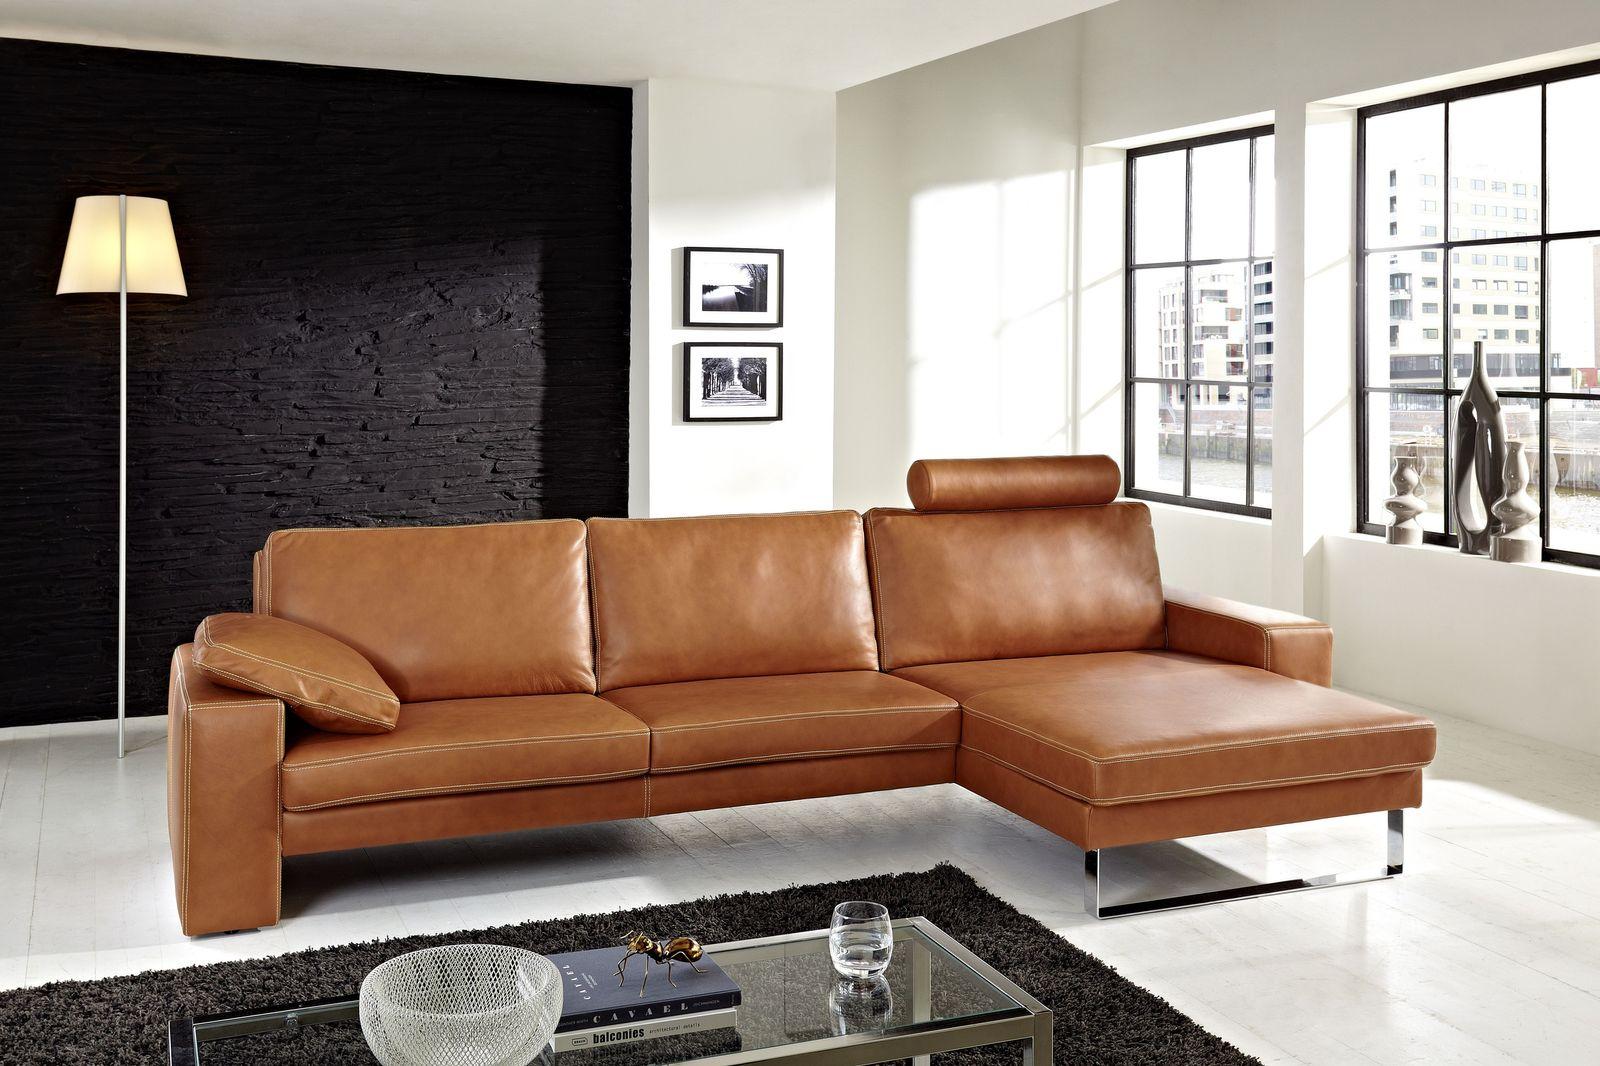 Ledersofa im Wohnzimmer elegante Ideen